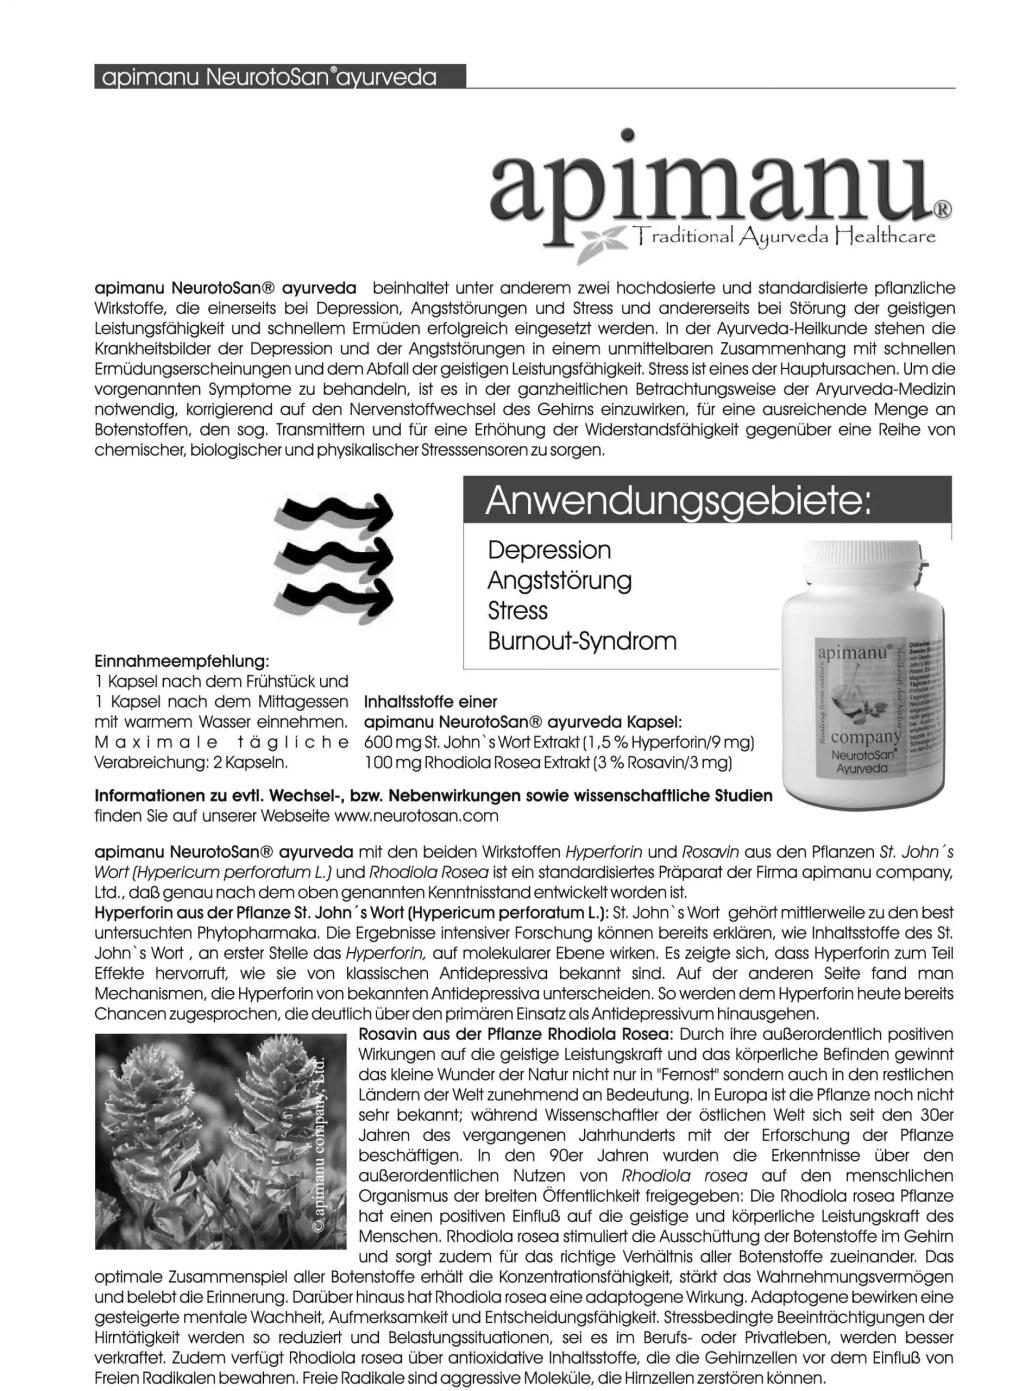 Produktbeschreibung apimanu NeurotoSan